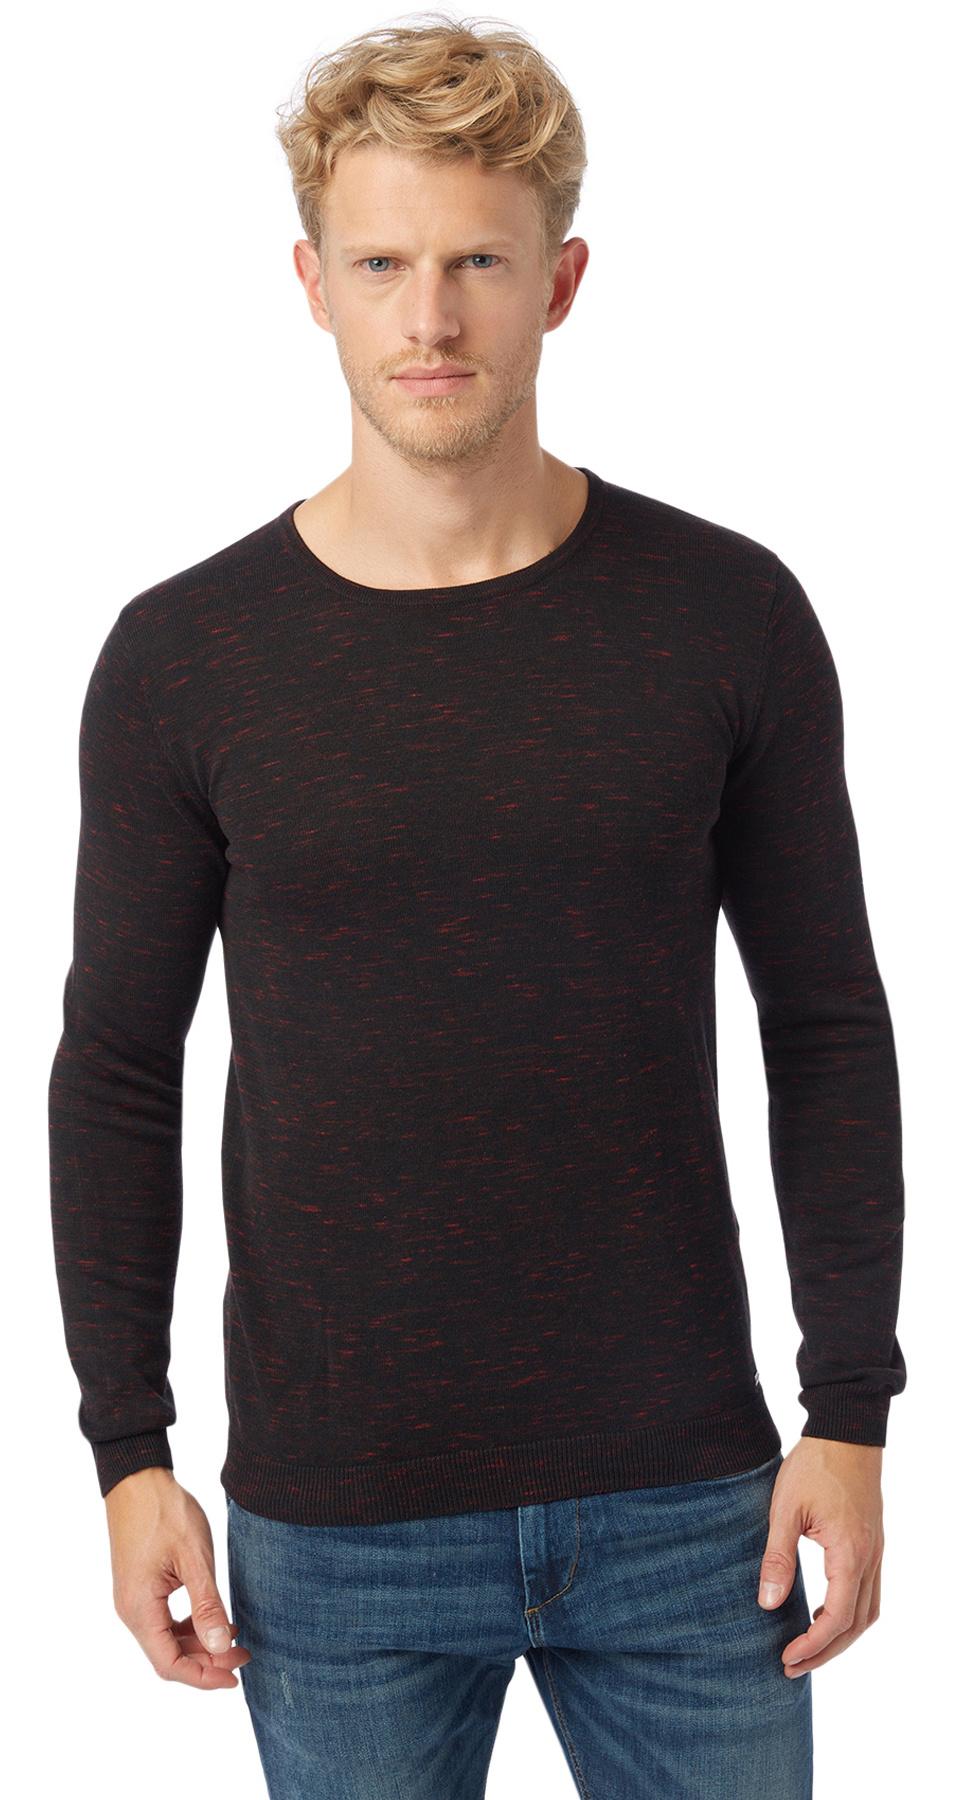 Tom Tailor pánský svetr 30216040010/2975 Černá XL